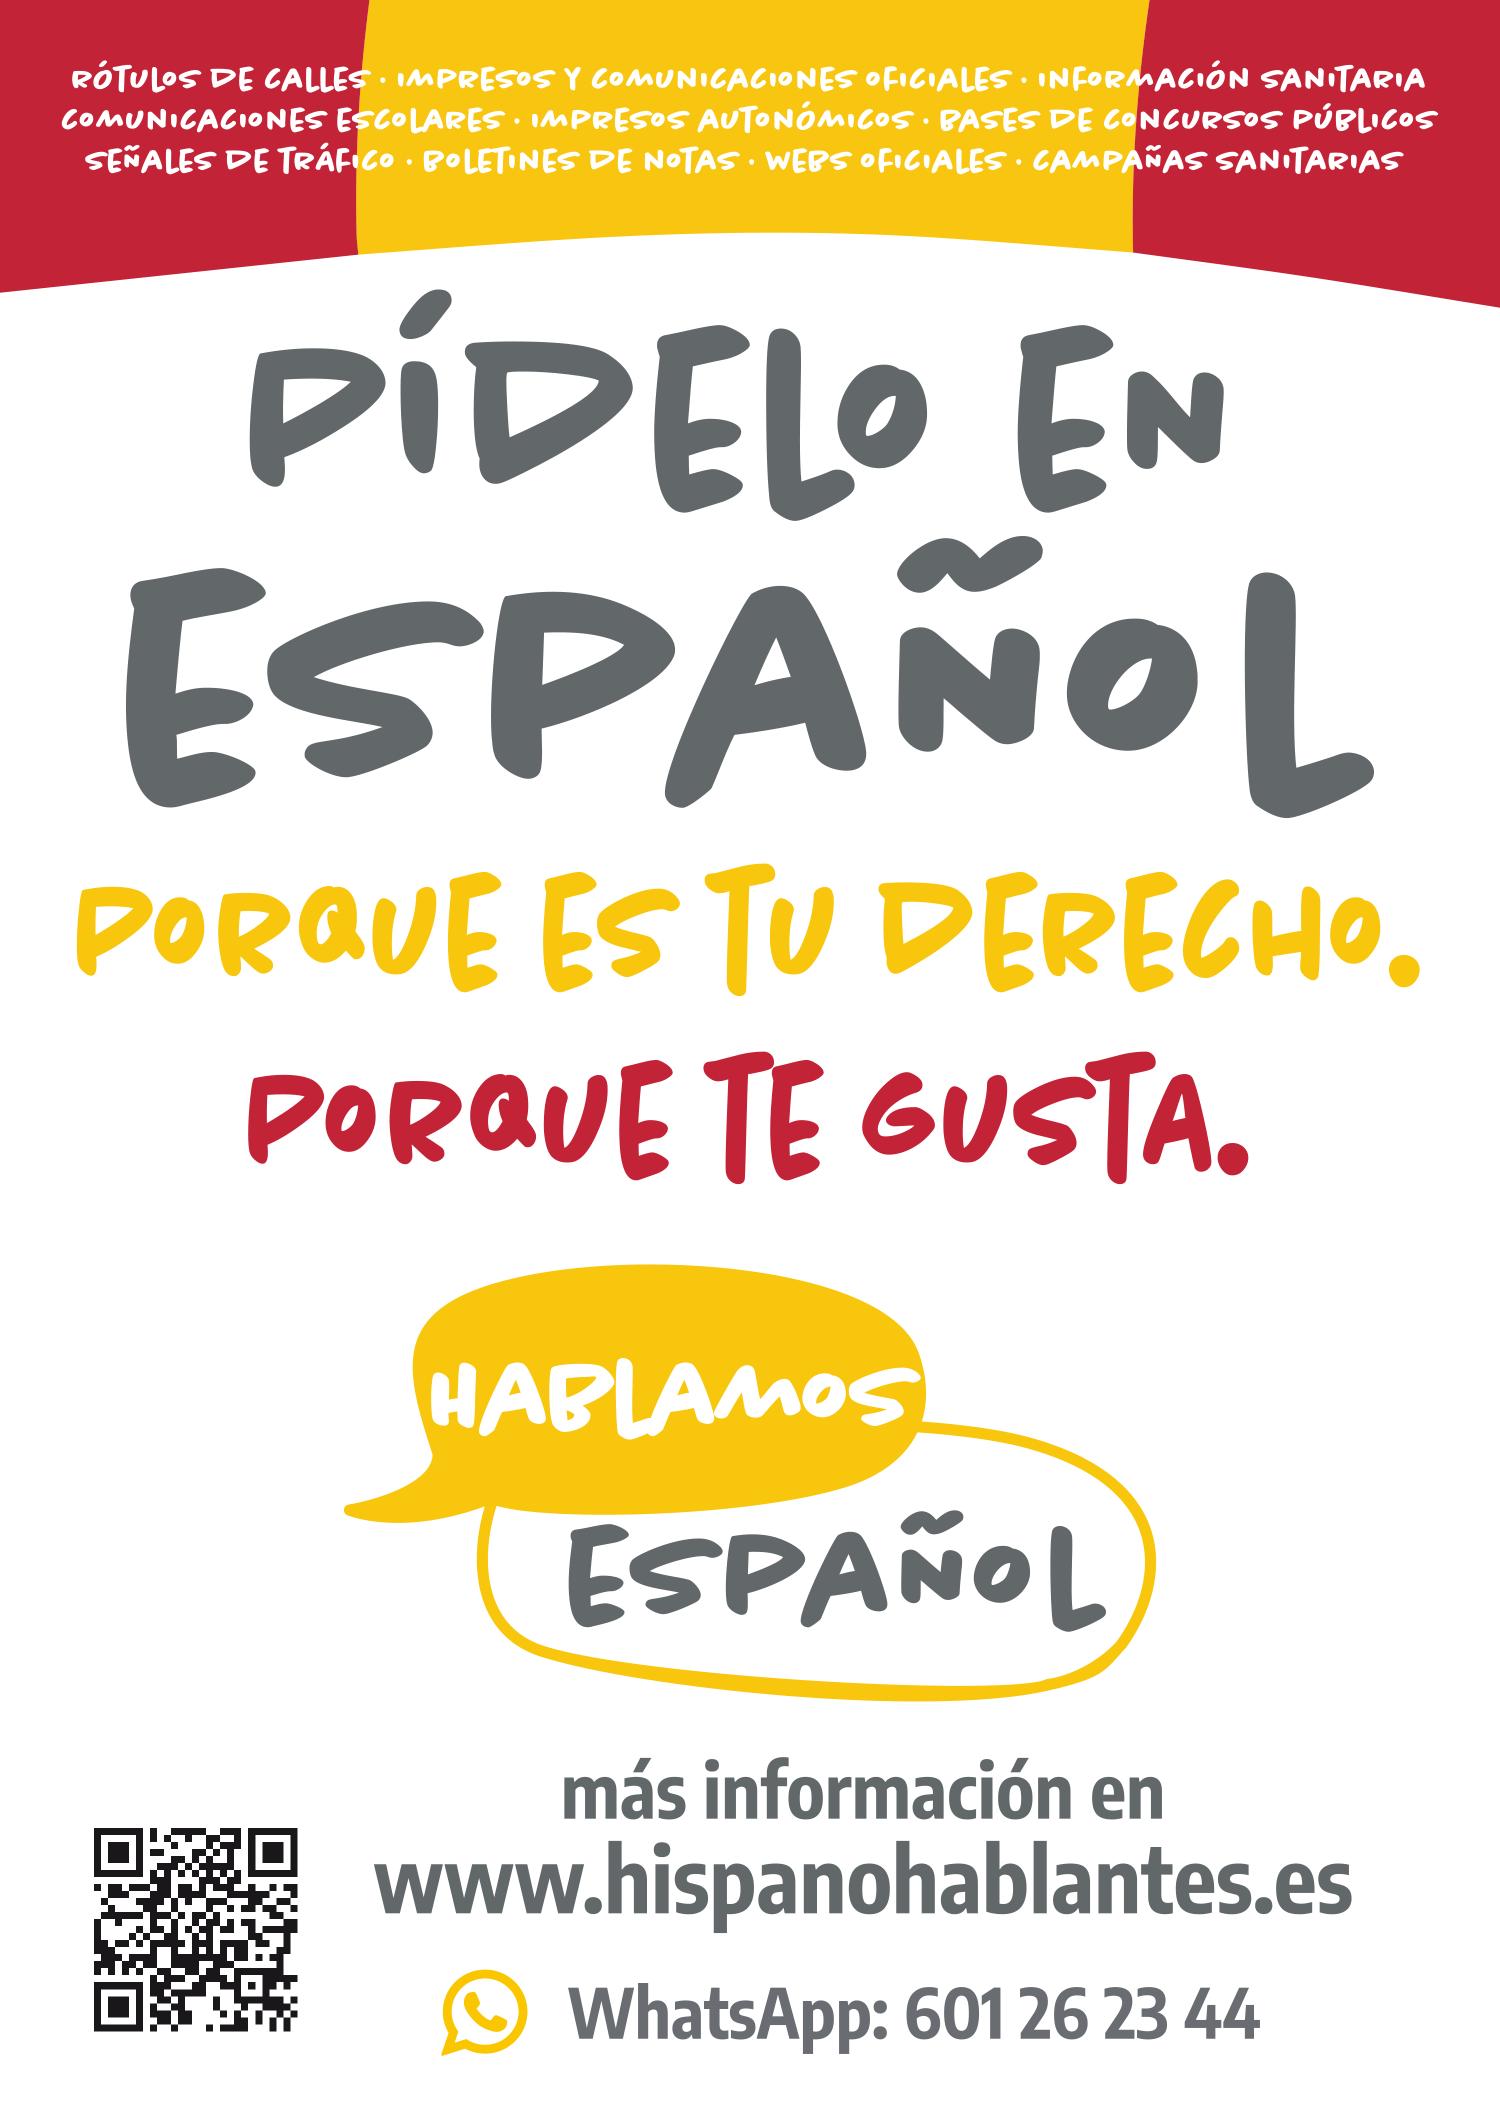 Hablamos Español Pídelo En Español